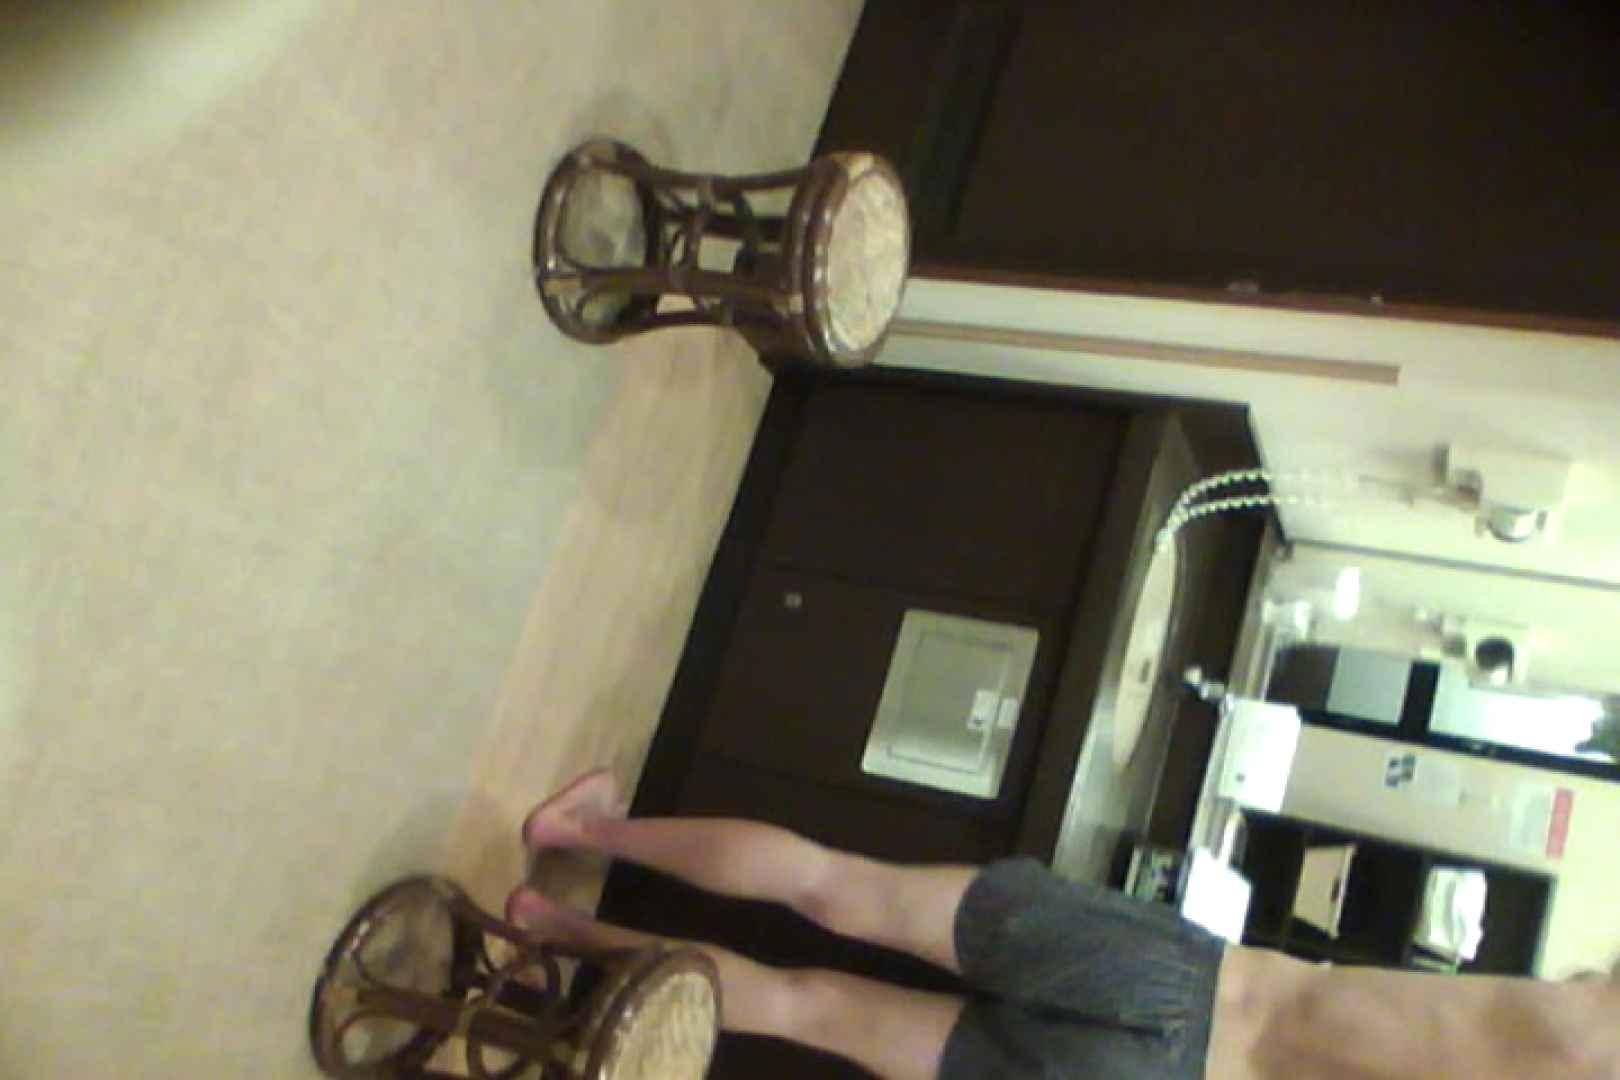 チンピースさん初投稿!自分家!?大学生の友達覗いてしまいました。VOL.06 入浴・シャワー | 素人  88pic 58